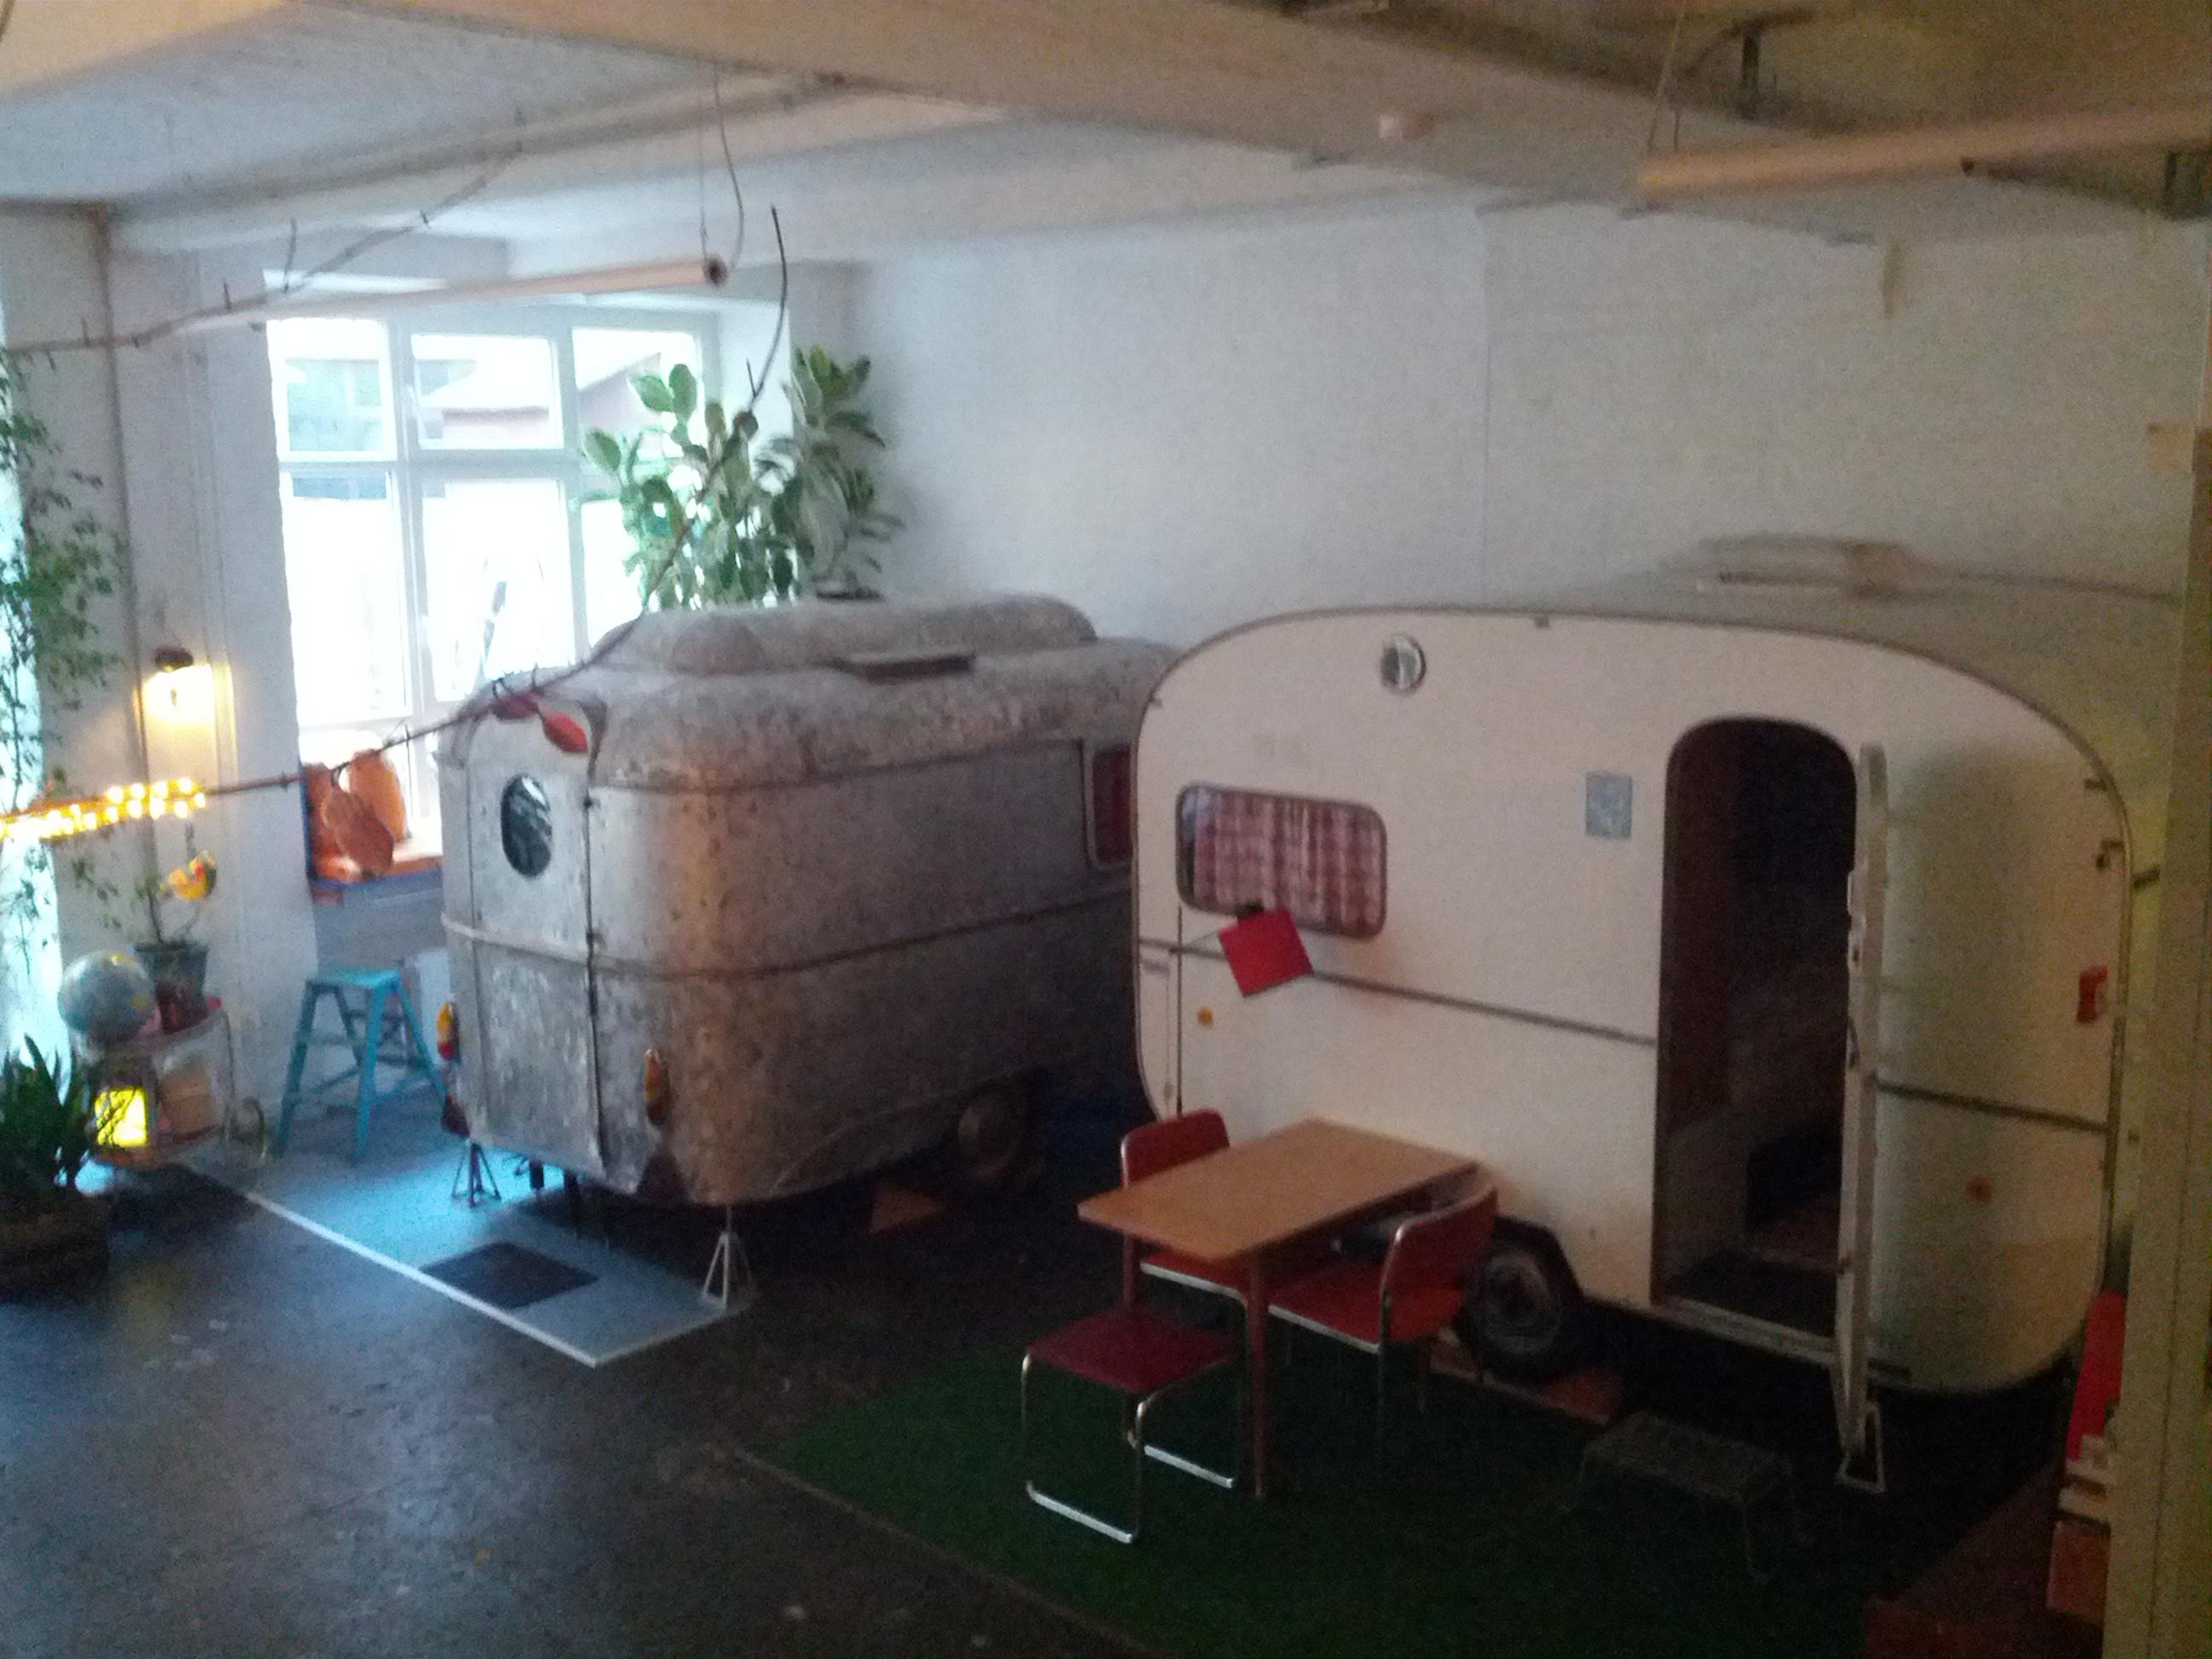 wohnwagen innen neu verkleiden storforsen wasserfall erkunde verkleiden t ausbau und noch mehr. Black Bedroom Furniture Sets. Home Design Ideas